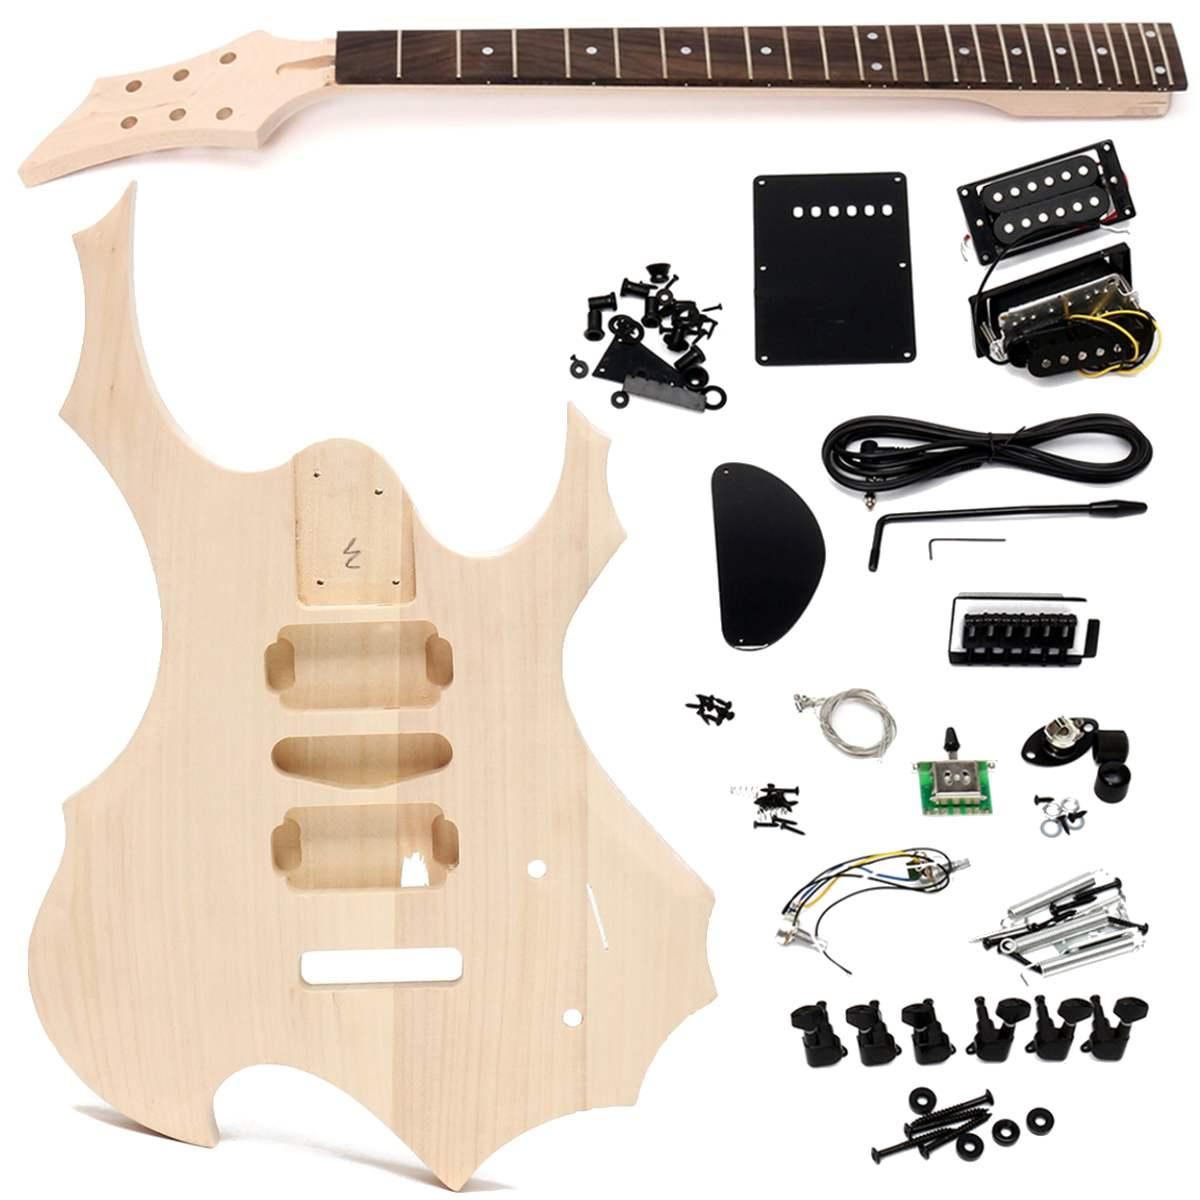 Ensemble de guitare électrique en tilleul non fini fait à la main bricolage Instrument de musique guitare corps cou Kits de cordes 2019 nouveau